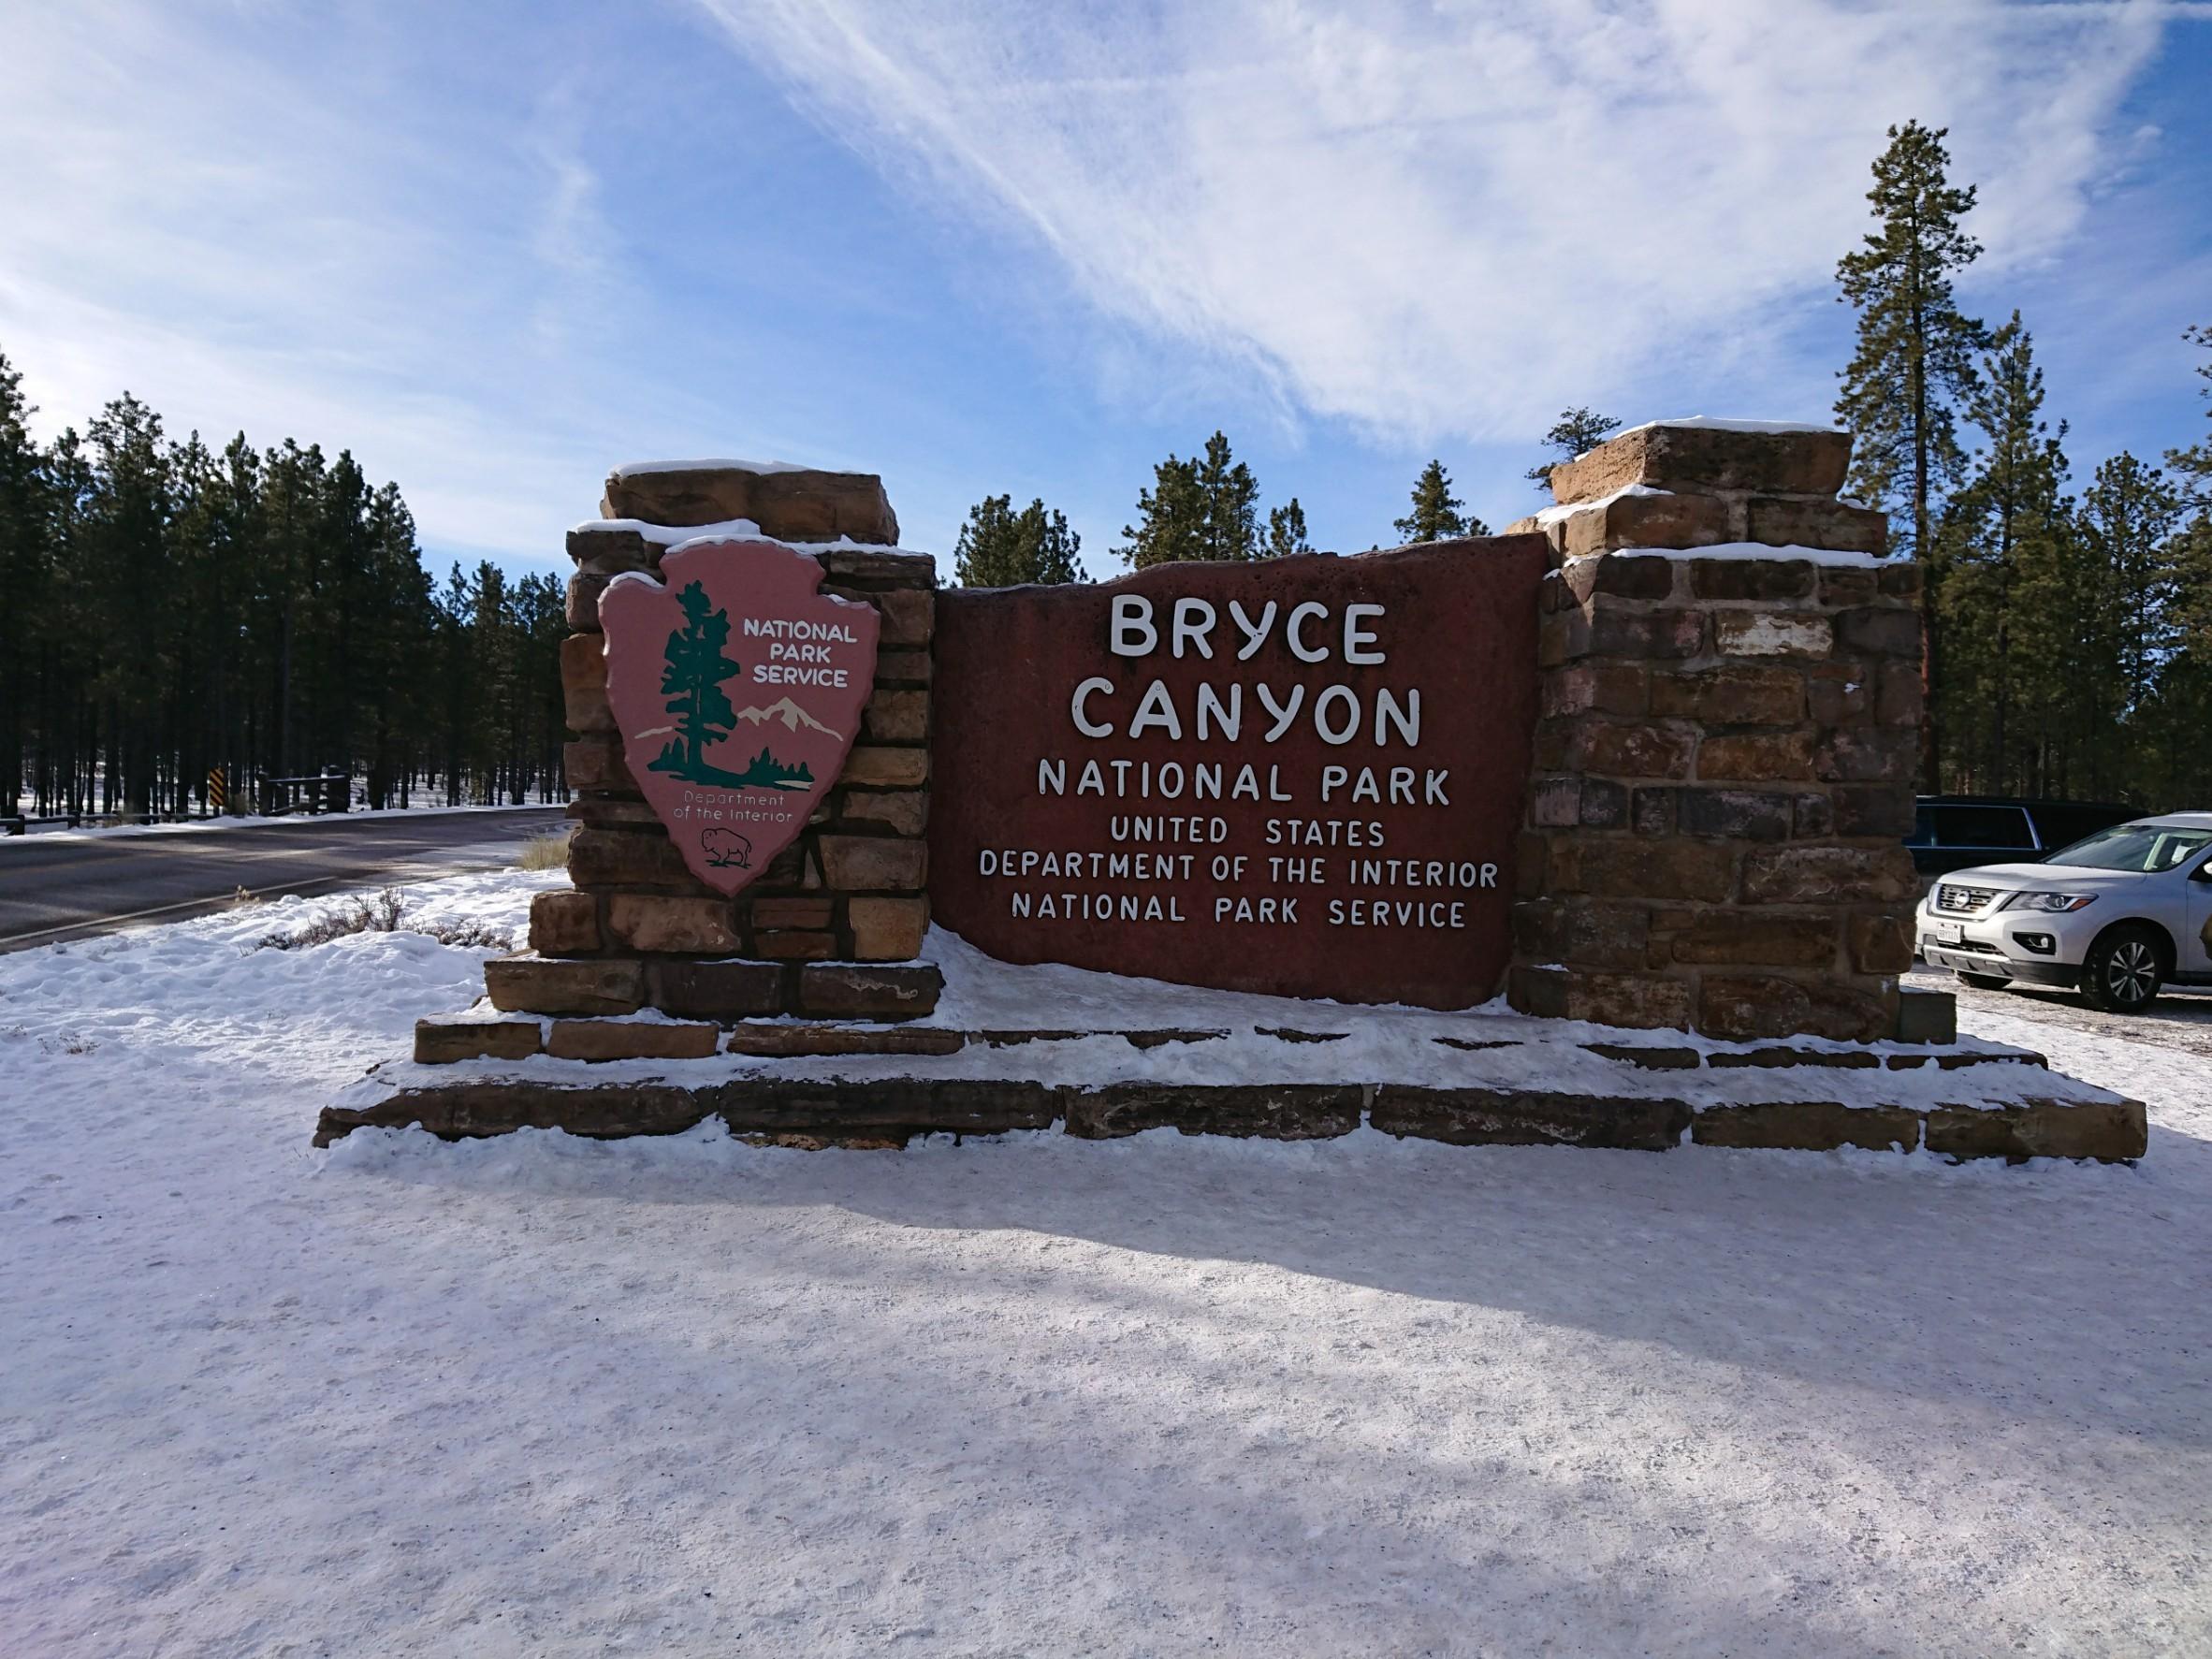 201901 ブライス・キャニオン国立公園(Bryce Canyon National Park )